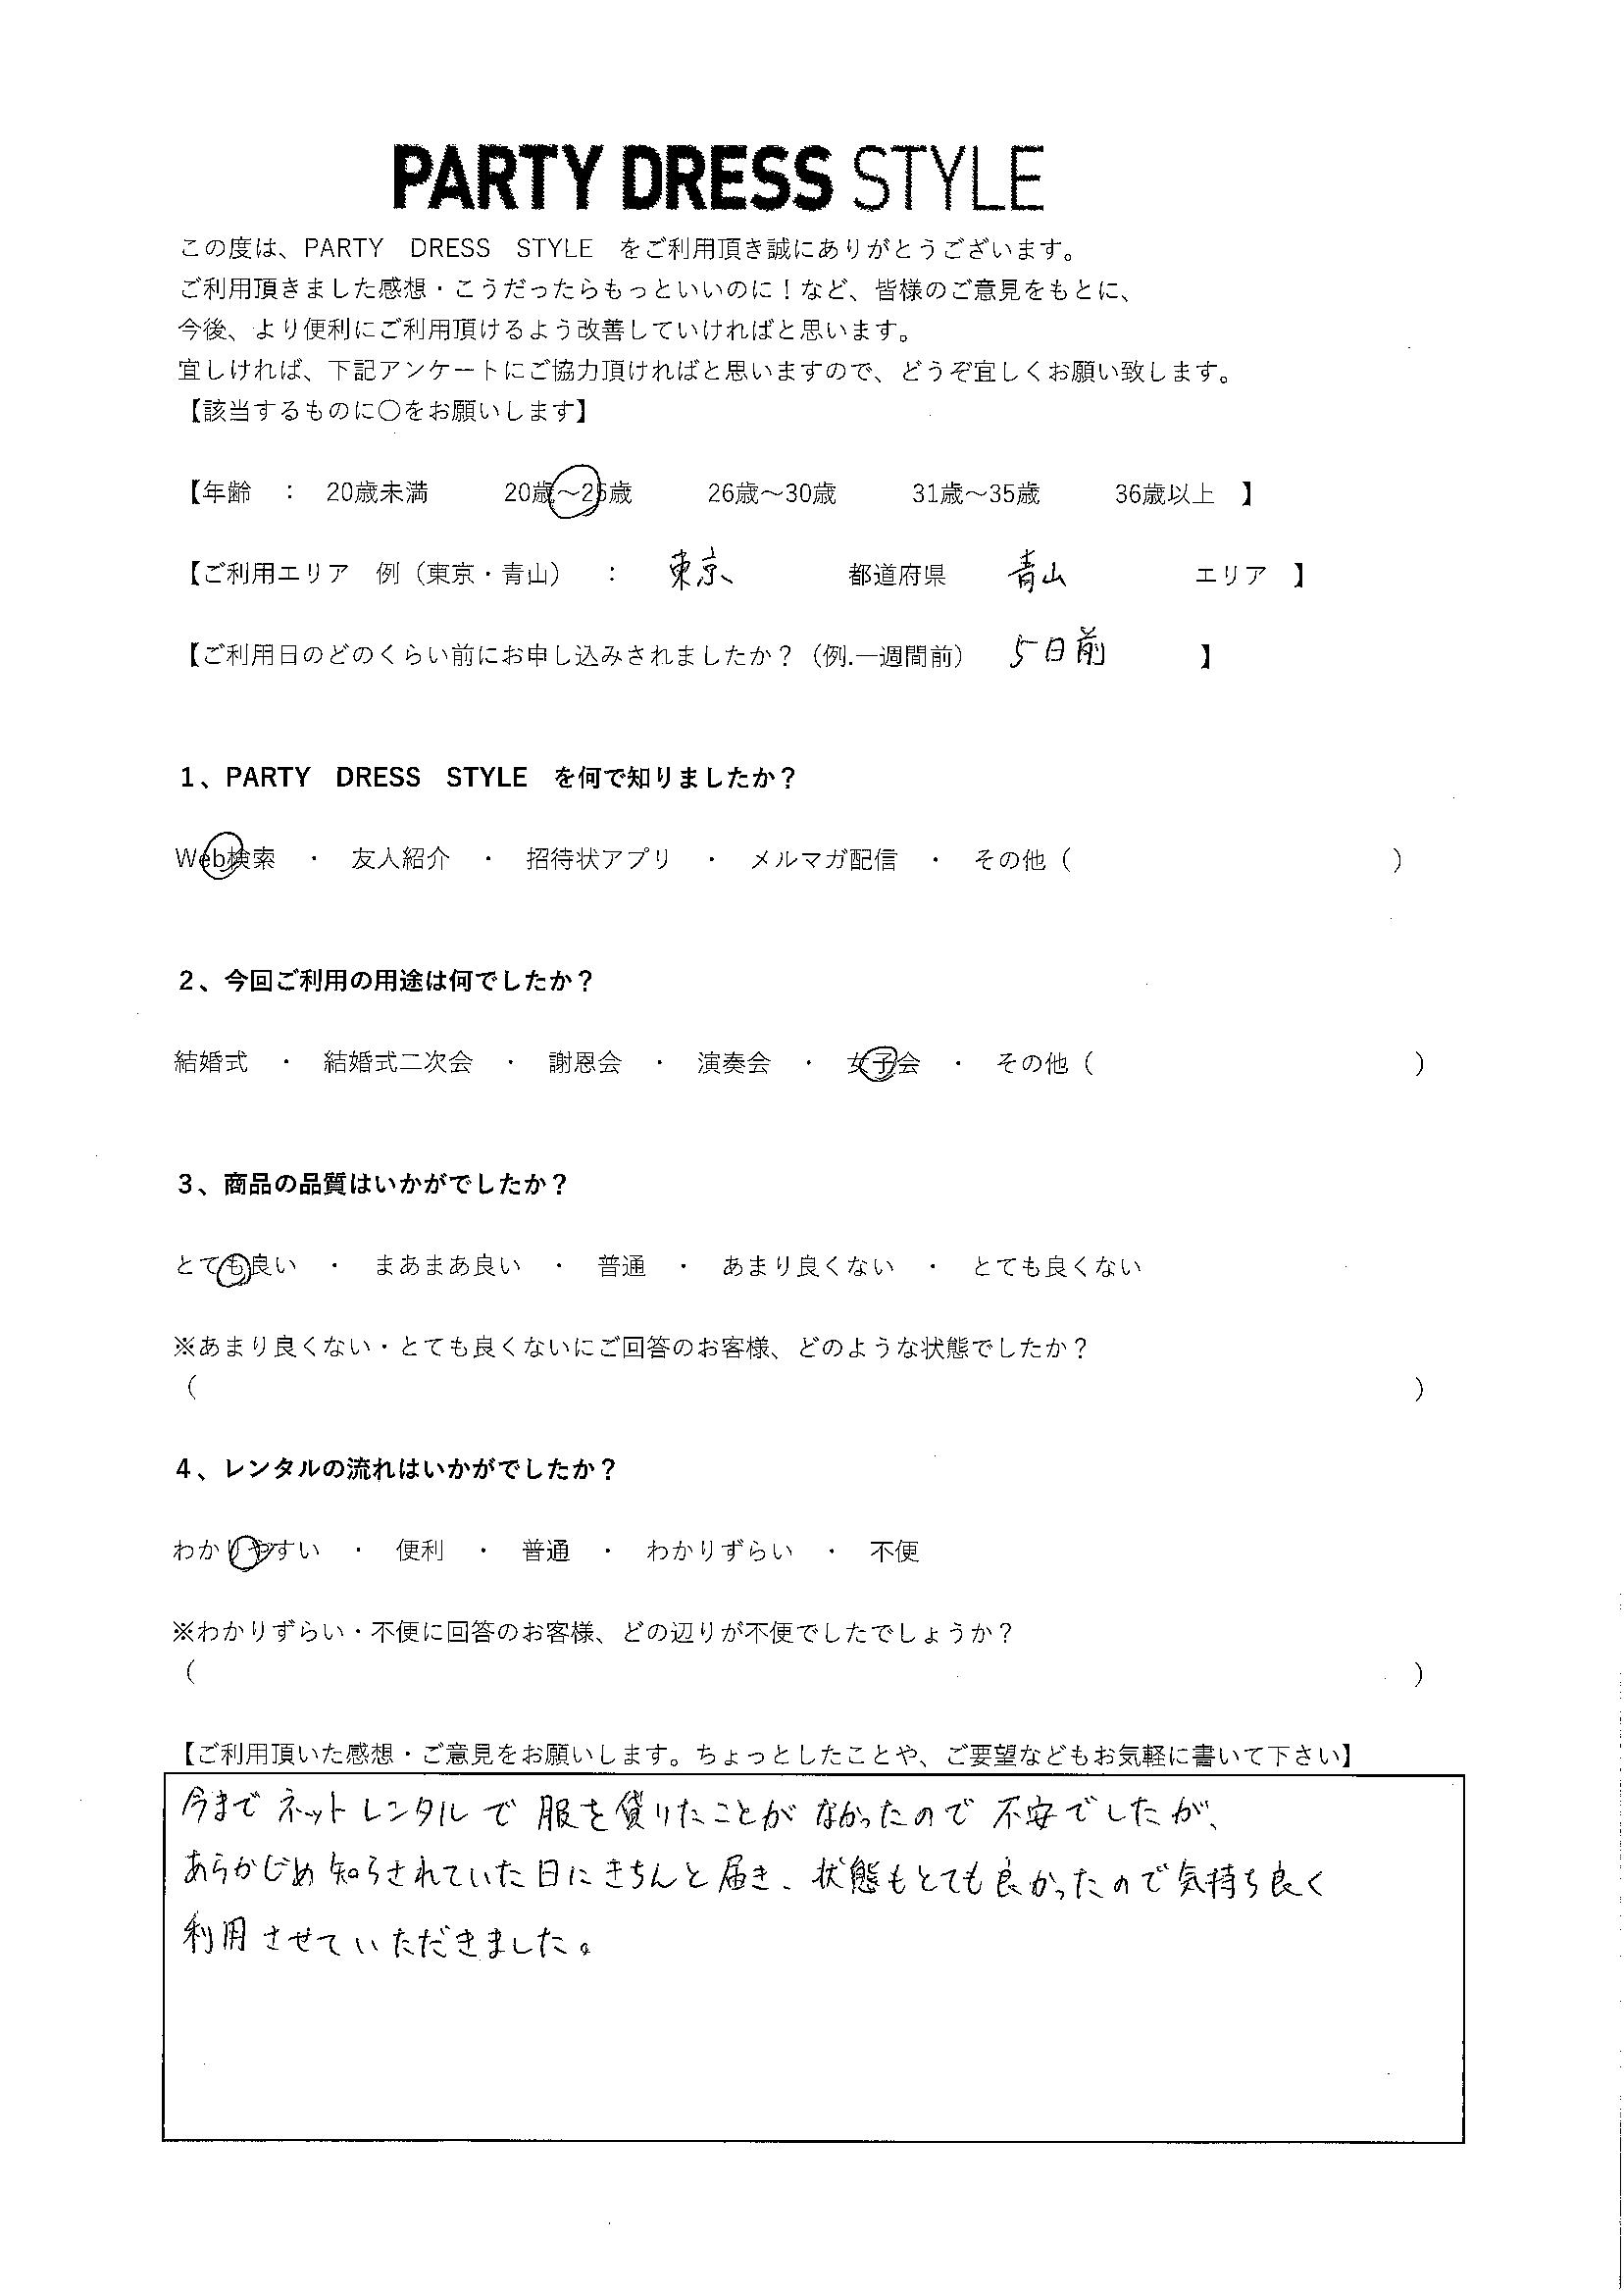 5月14日女子会ご利用 東京・青山エリア